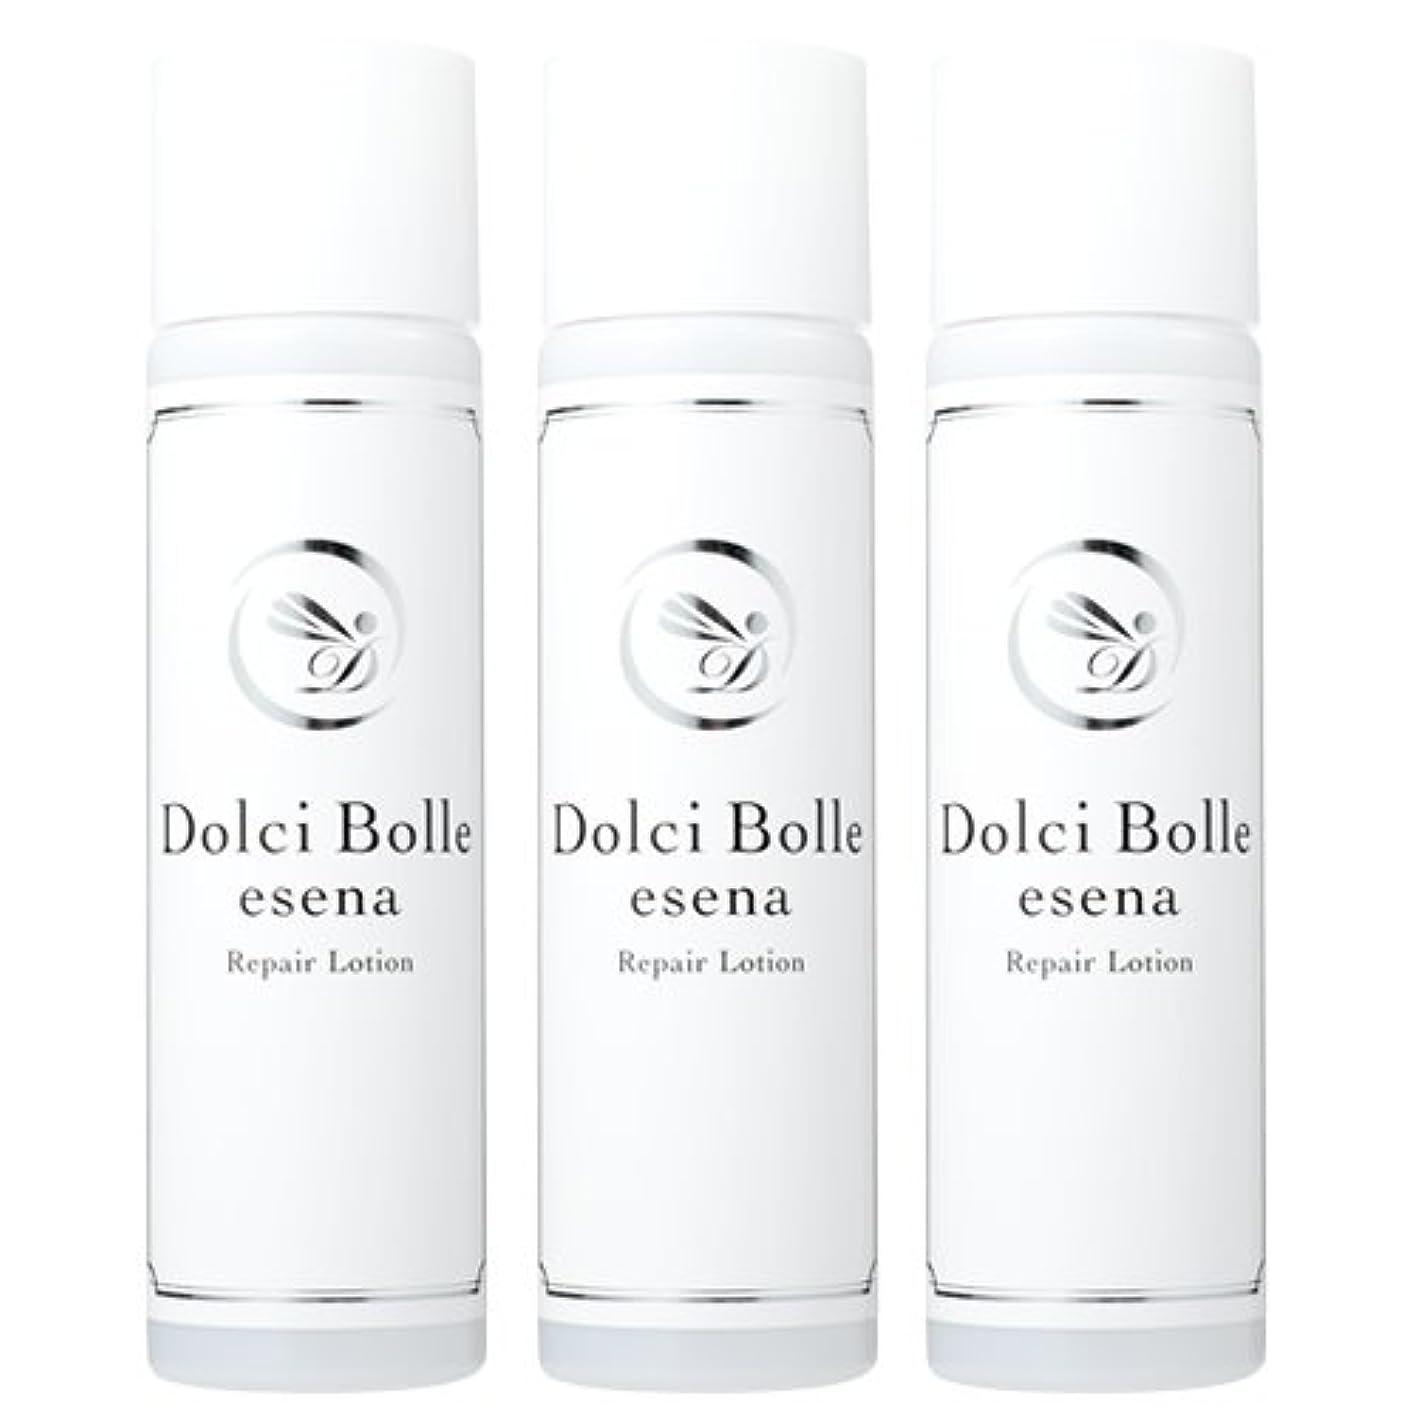 素晴らしい良い多くの適応的木製Dolci Bolle(ドルチボーレ) esena(エセナ) リペアローション 150ml 3本セット